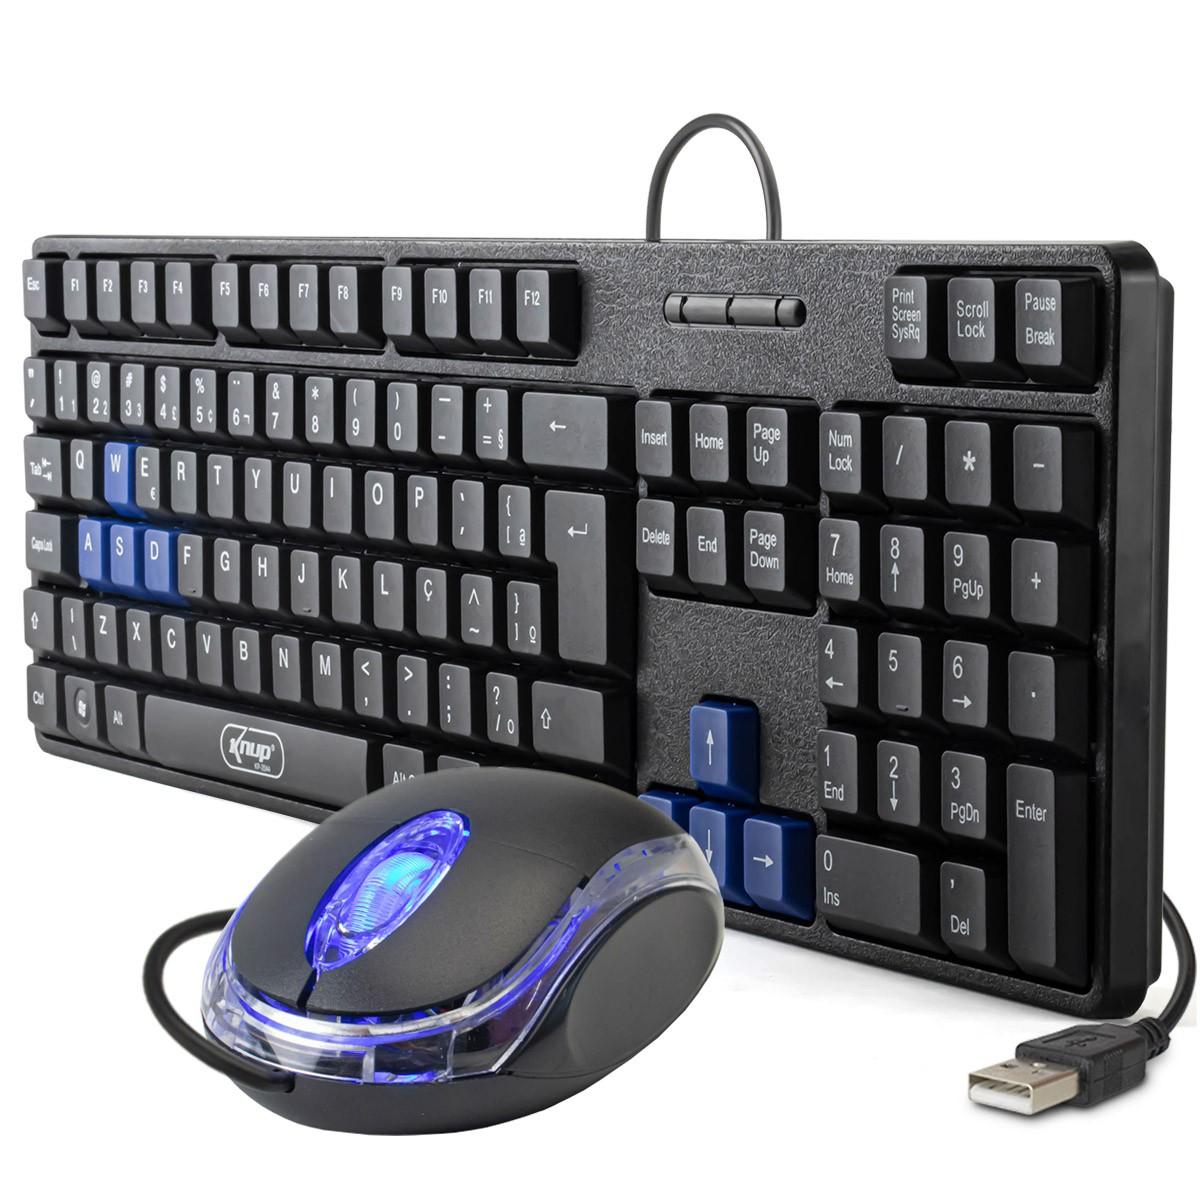 KIT Teclado e Mouse USB ABNT 2 (com Ç) Knup KP-2044 + Mouse Óptico USB Exbom MS-10